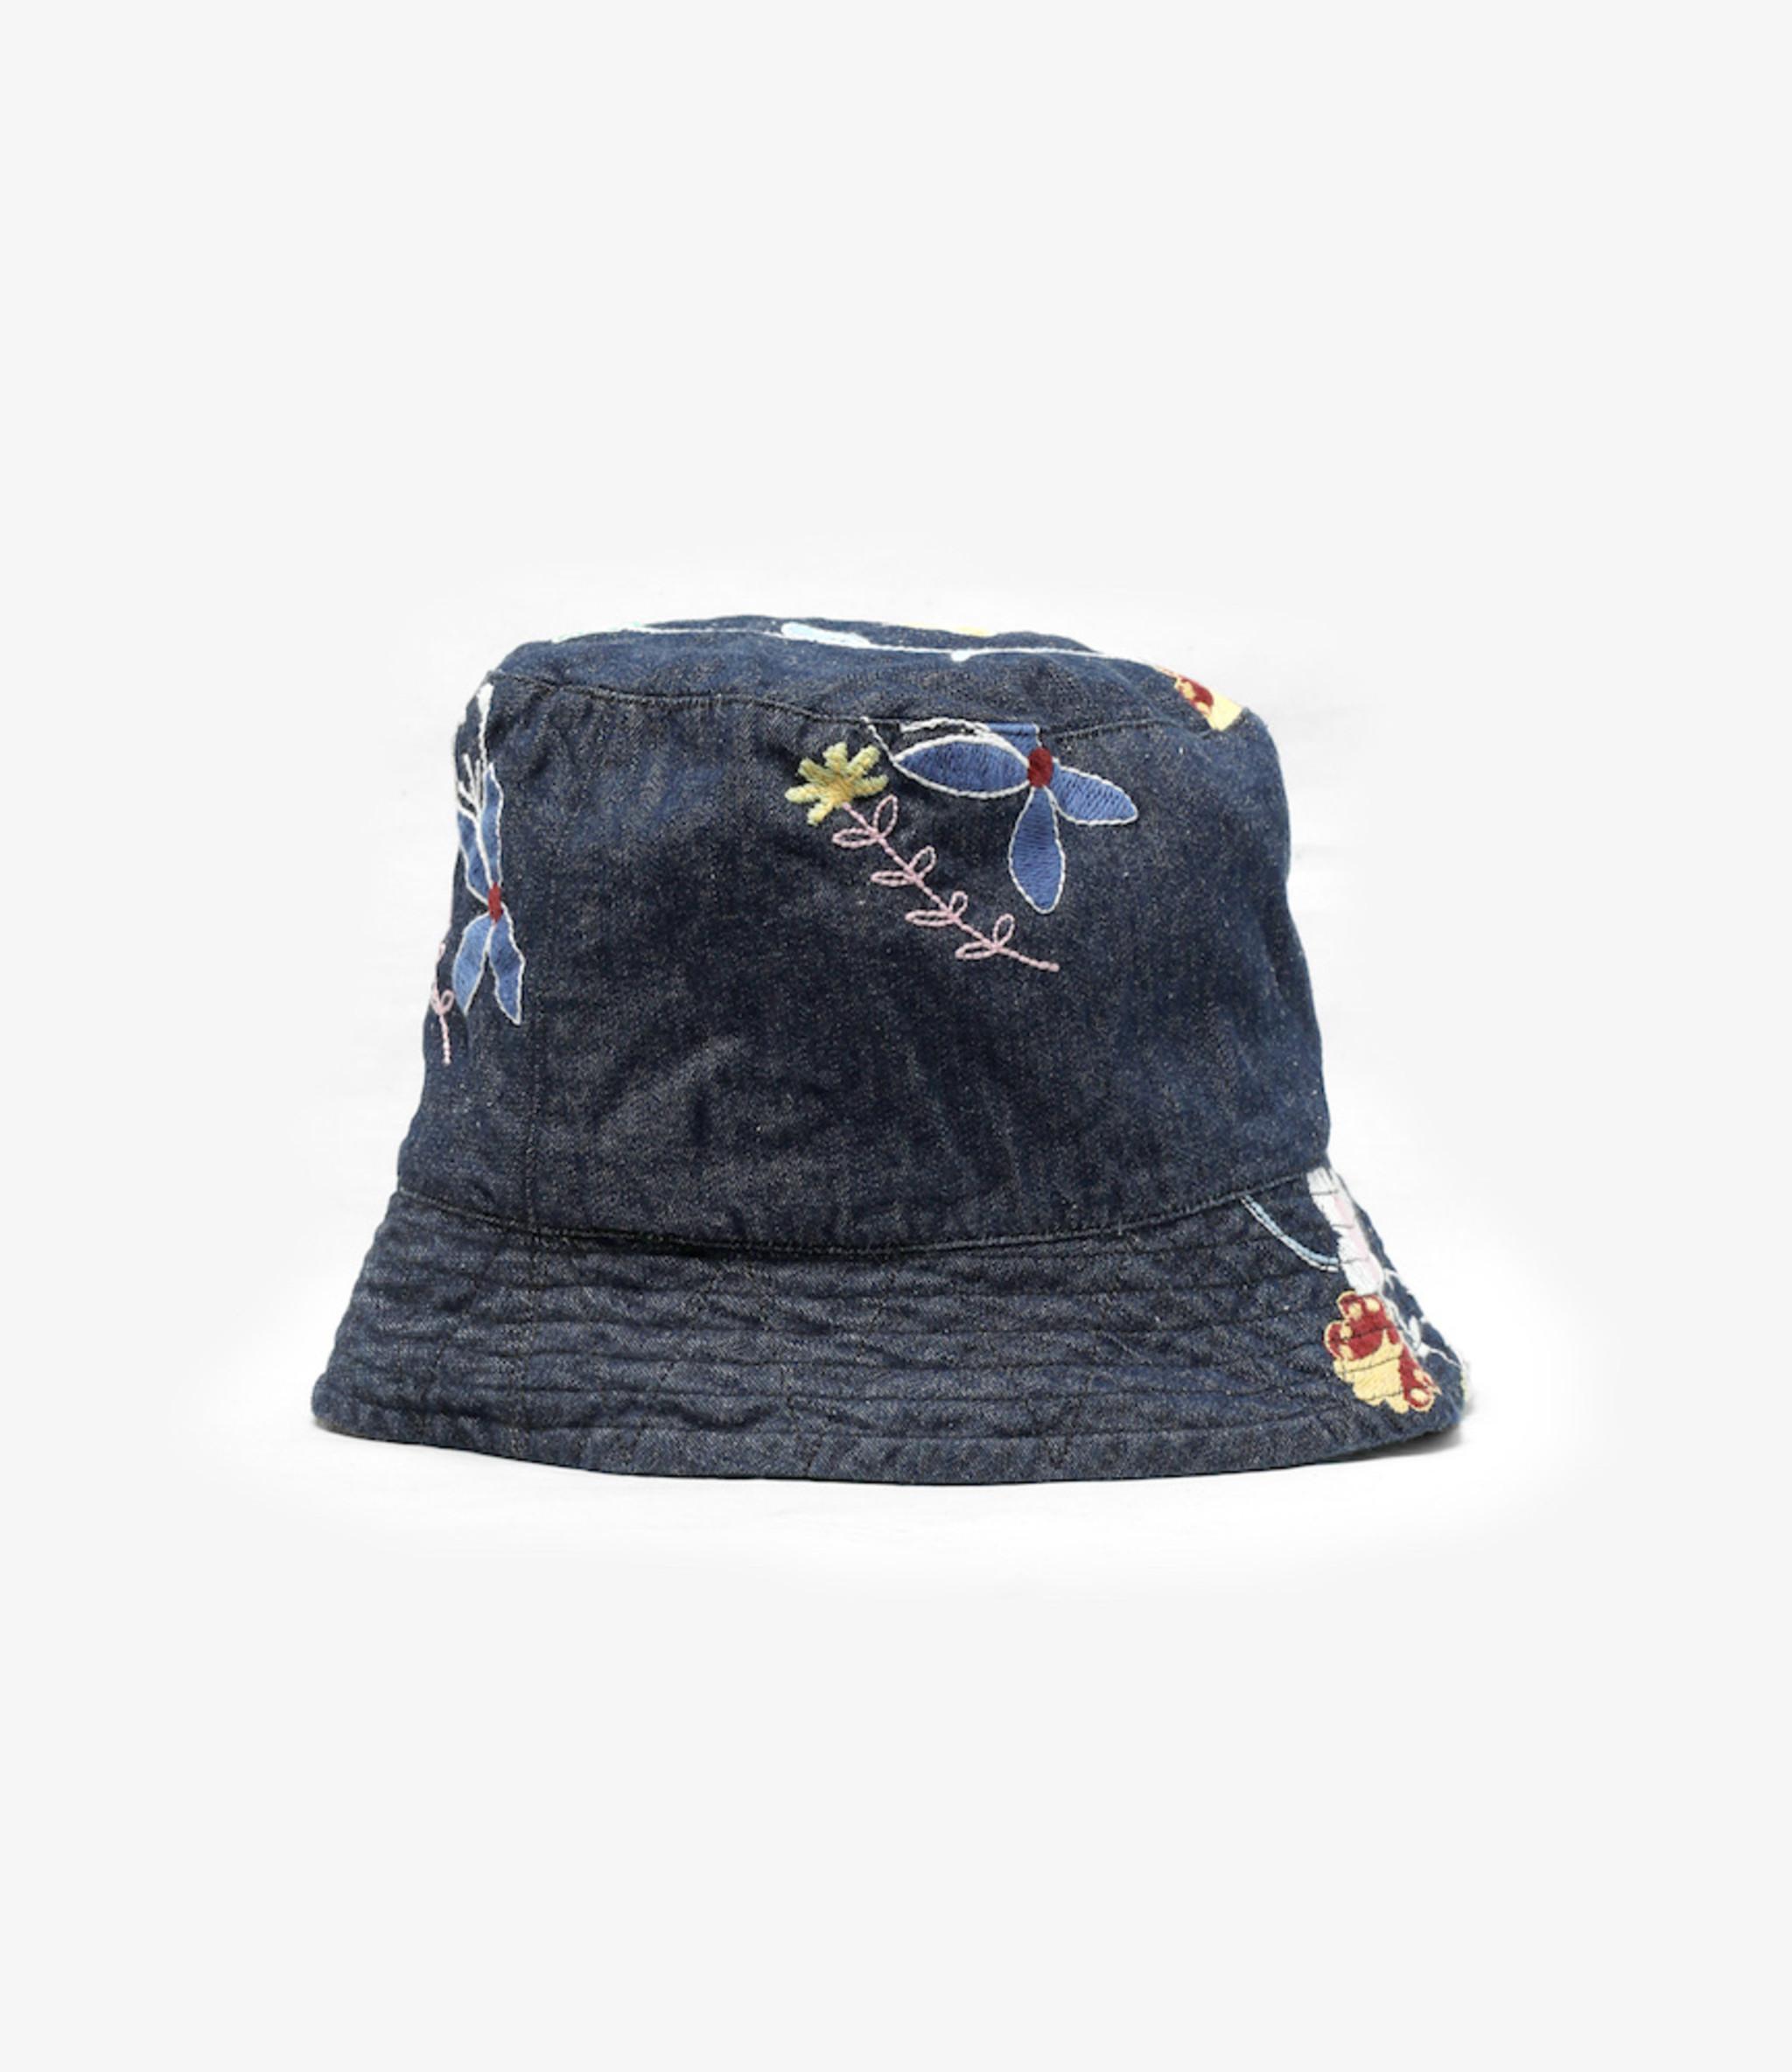 Engineered Garments Bucket Hat - Indigo Denim Floral Embroidery